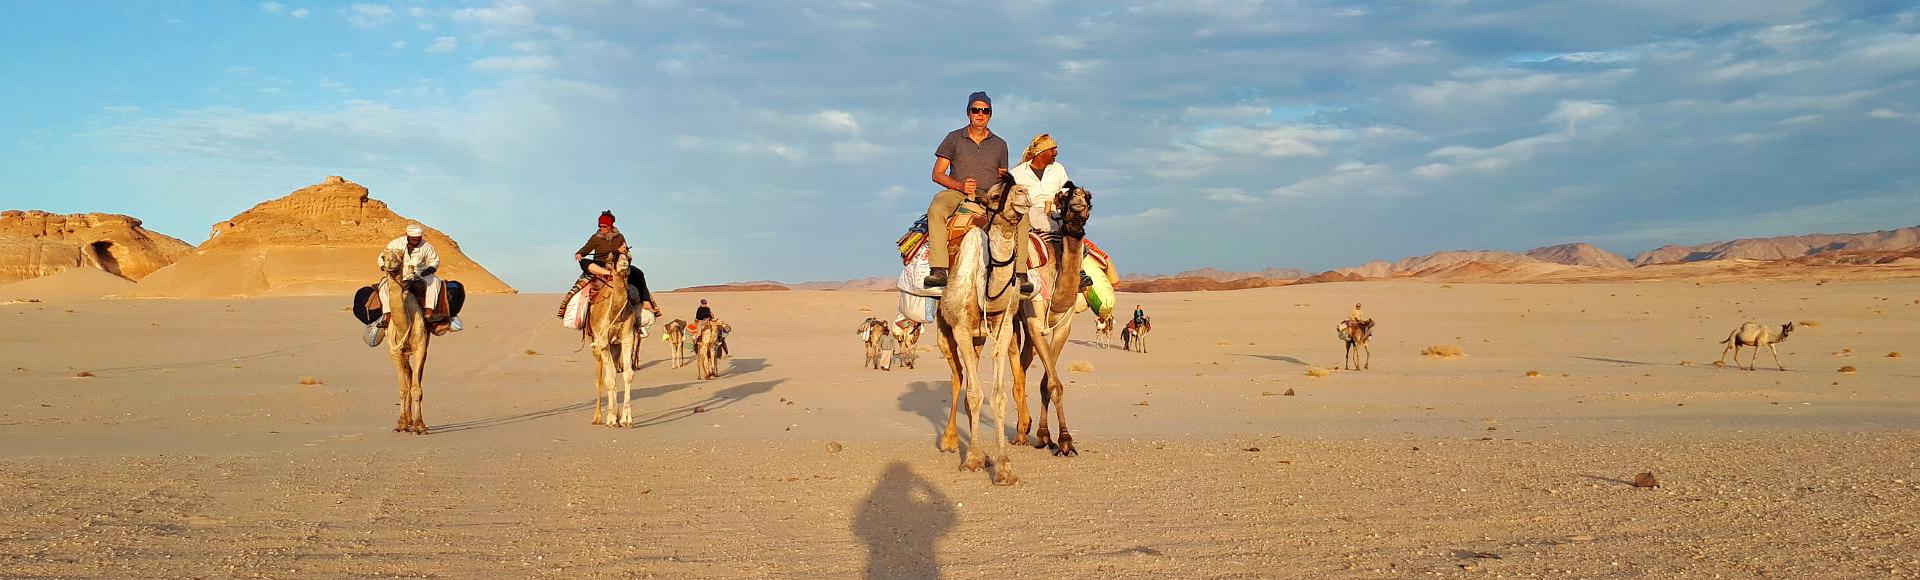 DesertJoy tochtimpressie